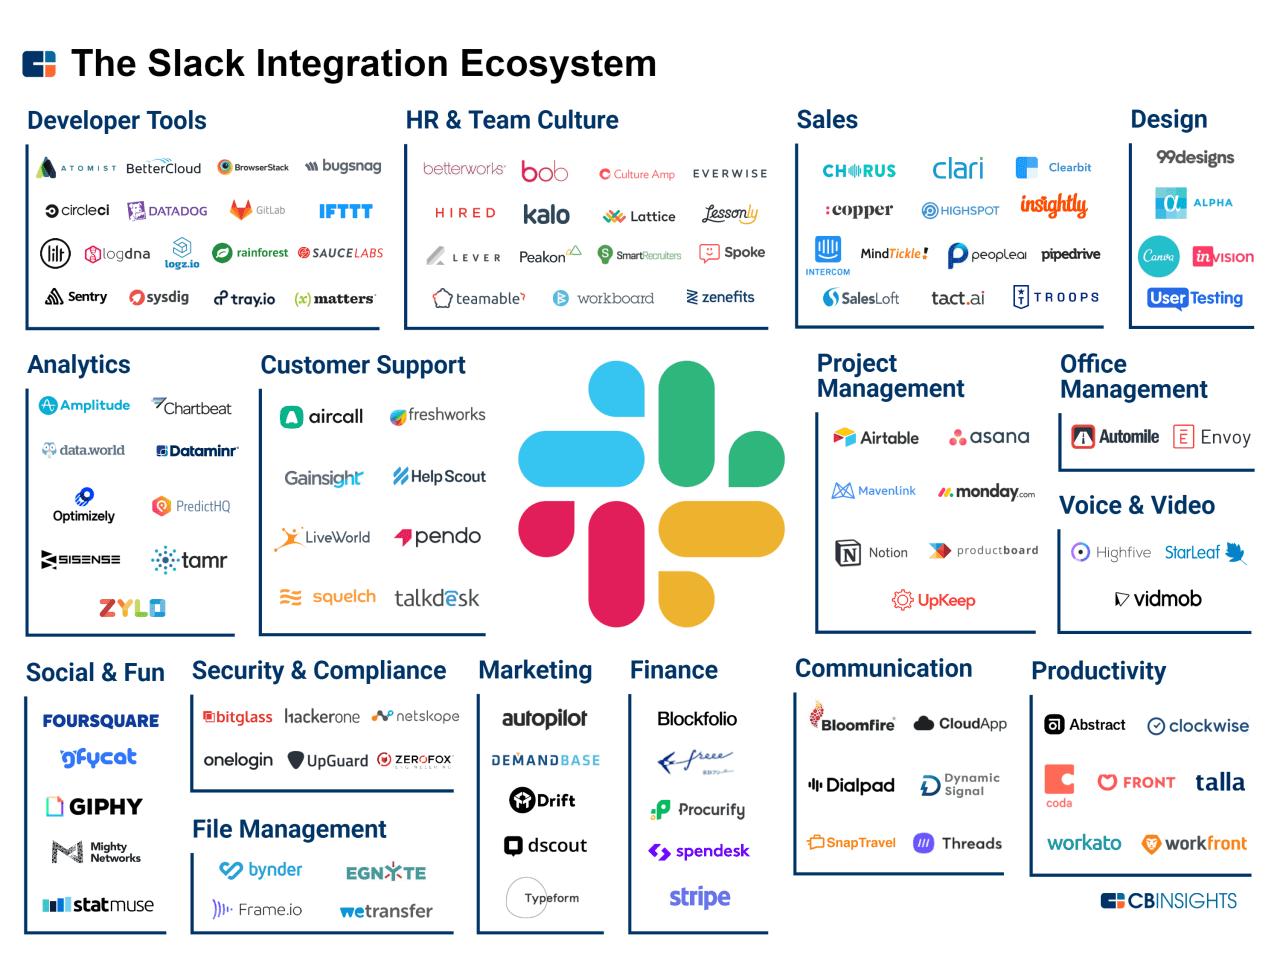 The-Slack-Integration-Ecosystem1.png